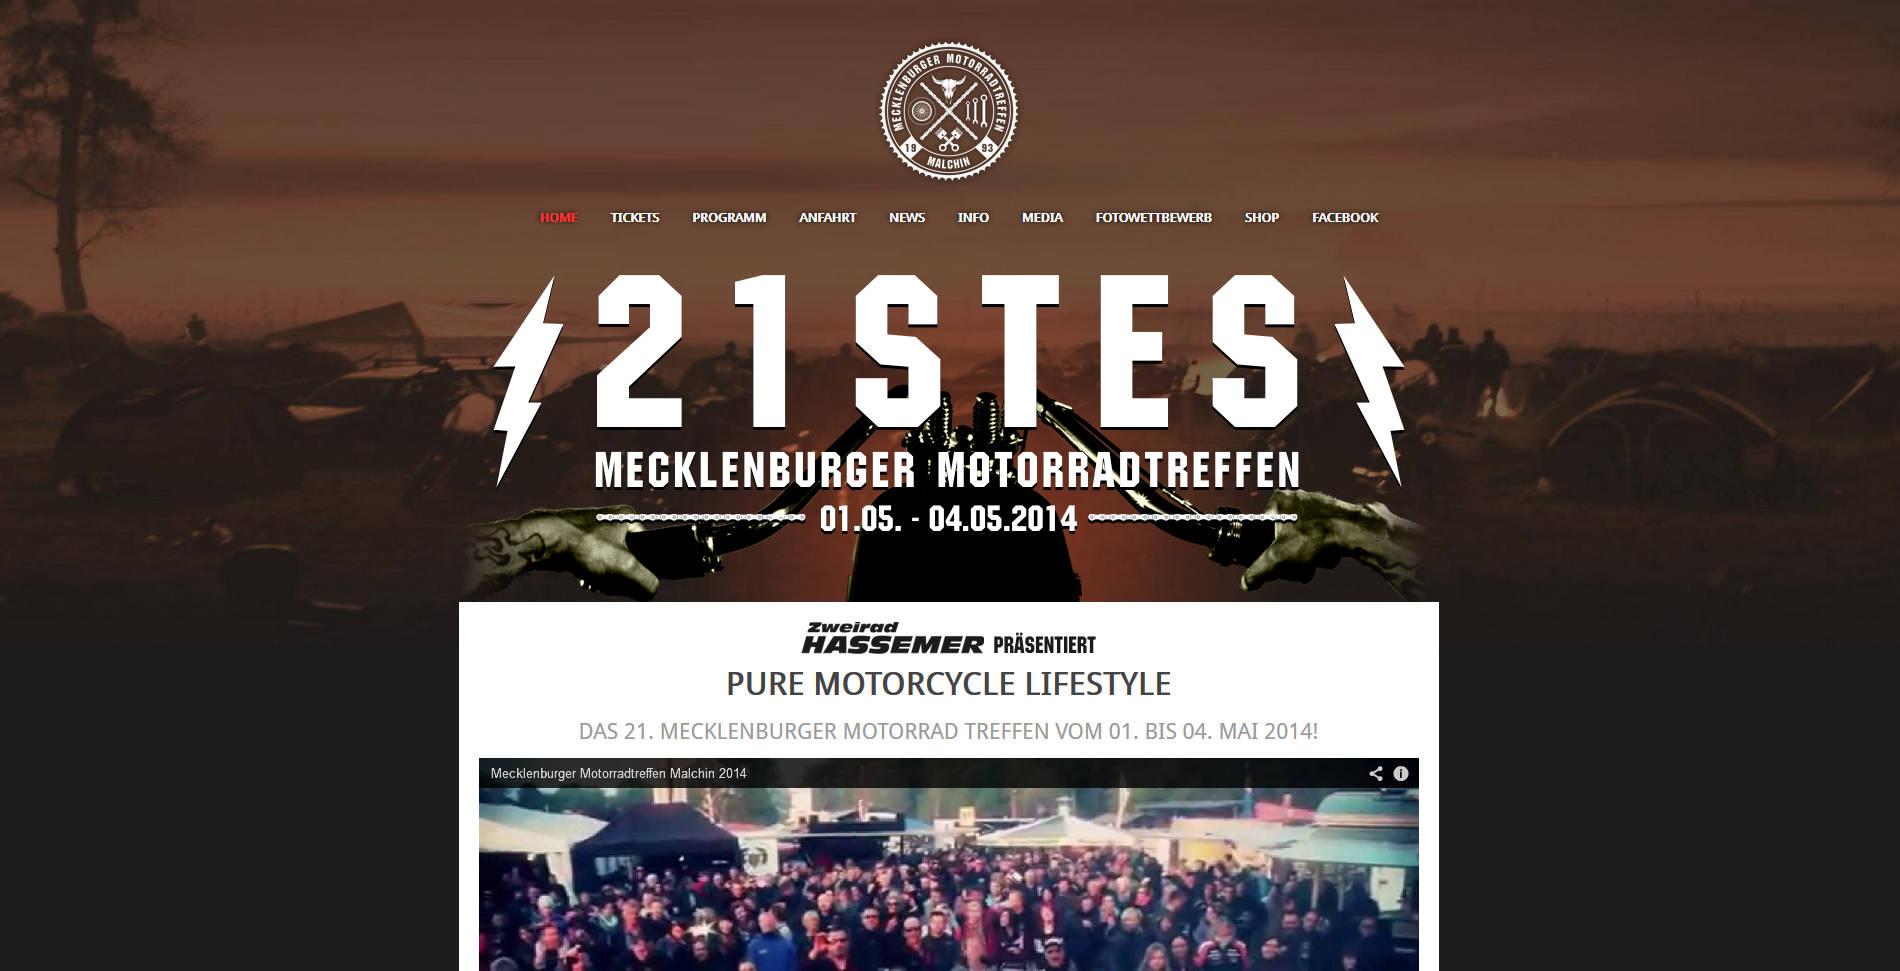 espiat-webdesign-mecklenburger-motorradtreffen